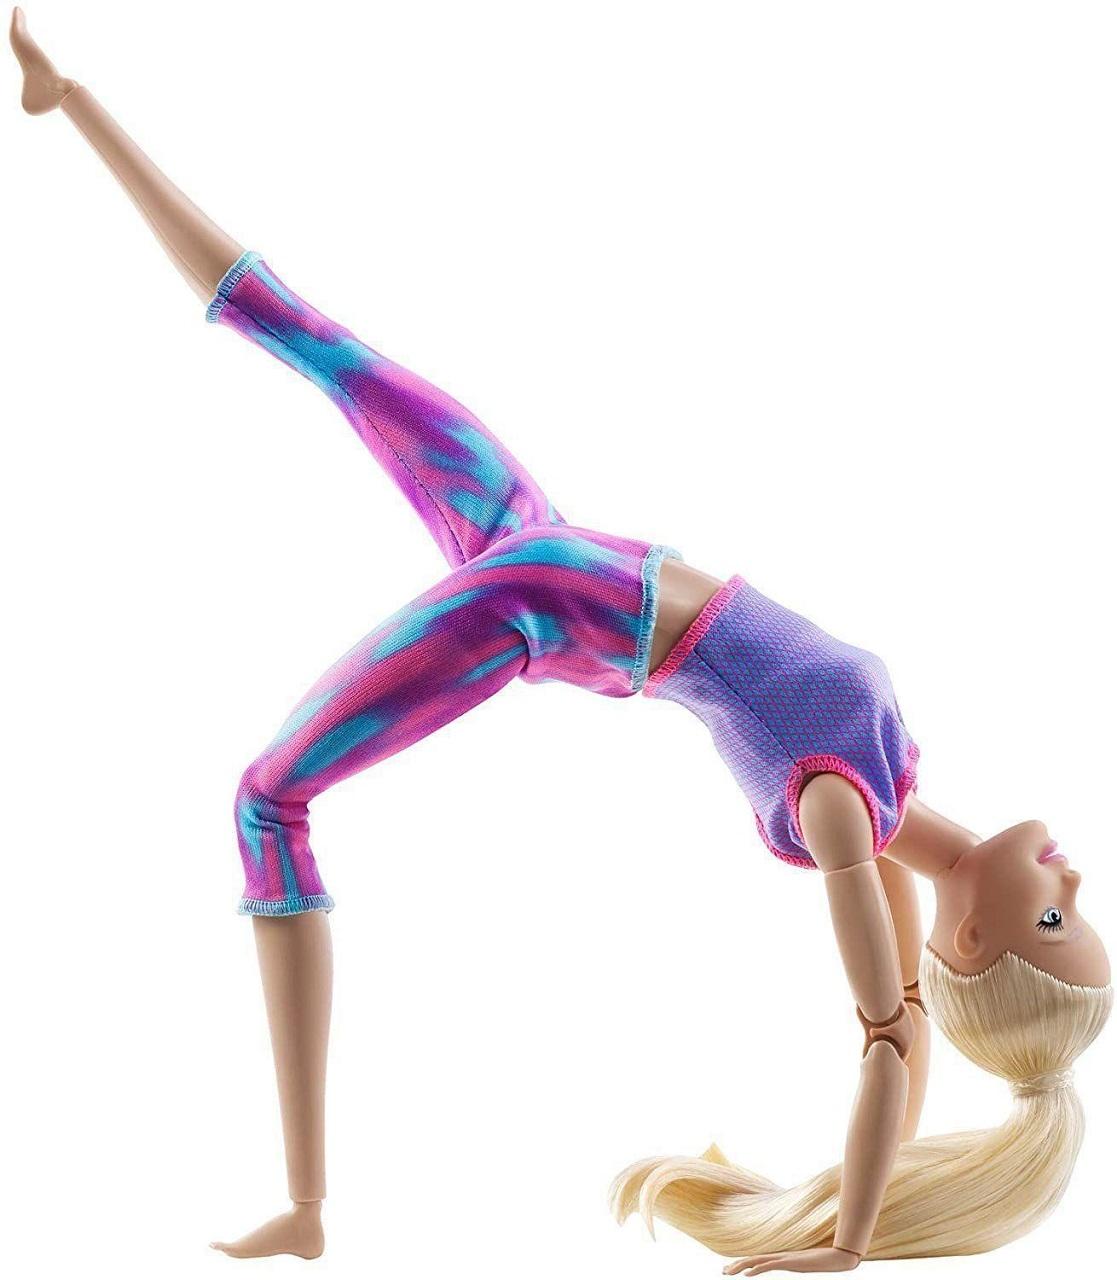 Boneca Barbie Articulada Feita P/ Mexer Loira Made To Move